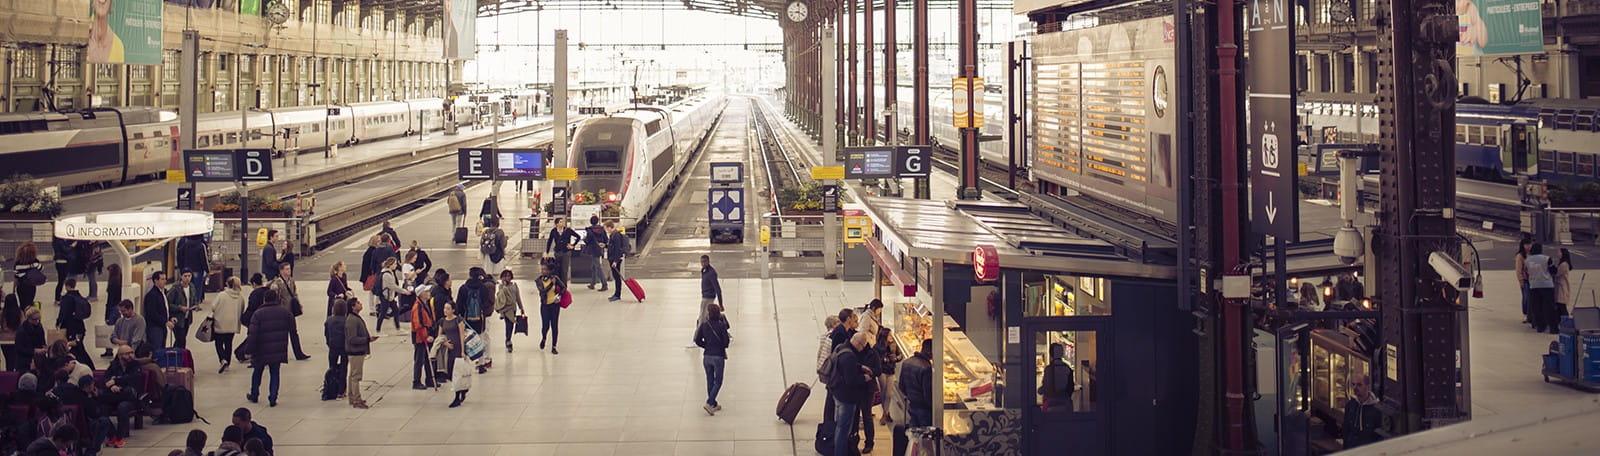 Q-Park Daumesnil - Gare de Lyon train station